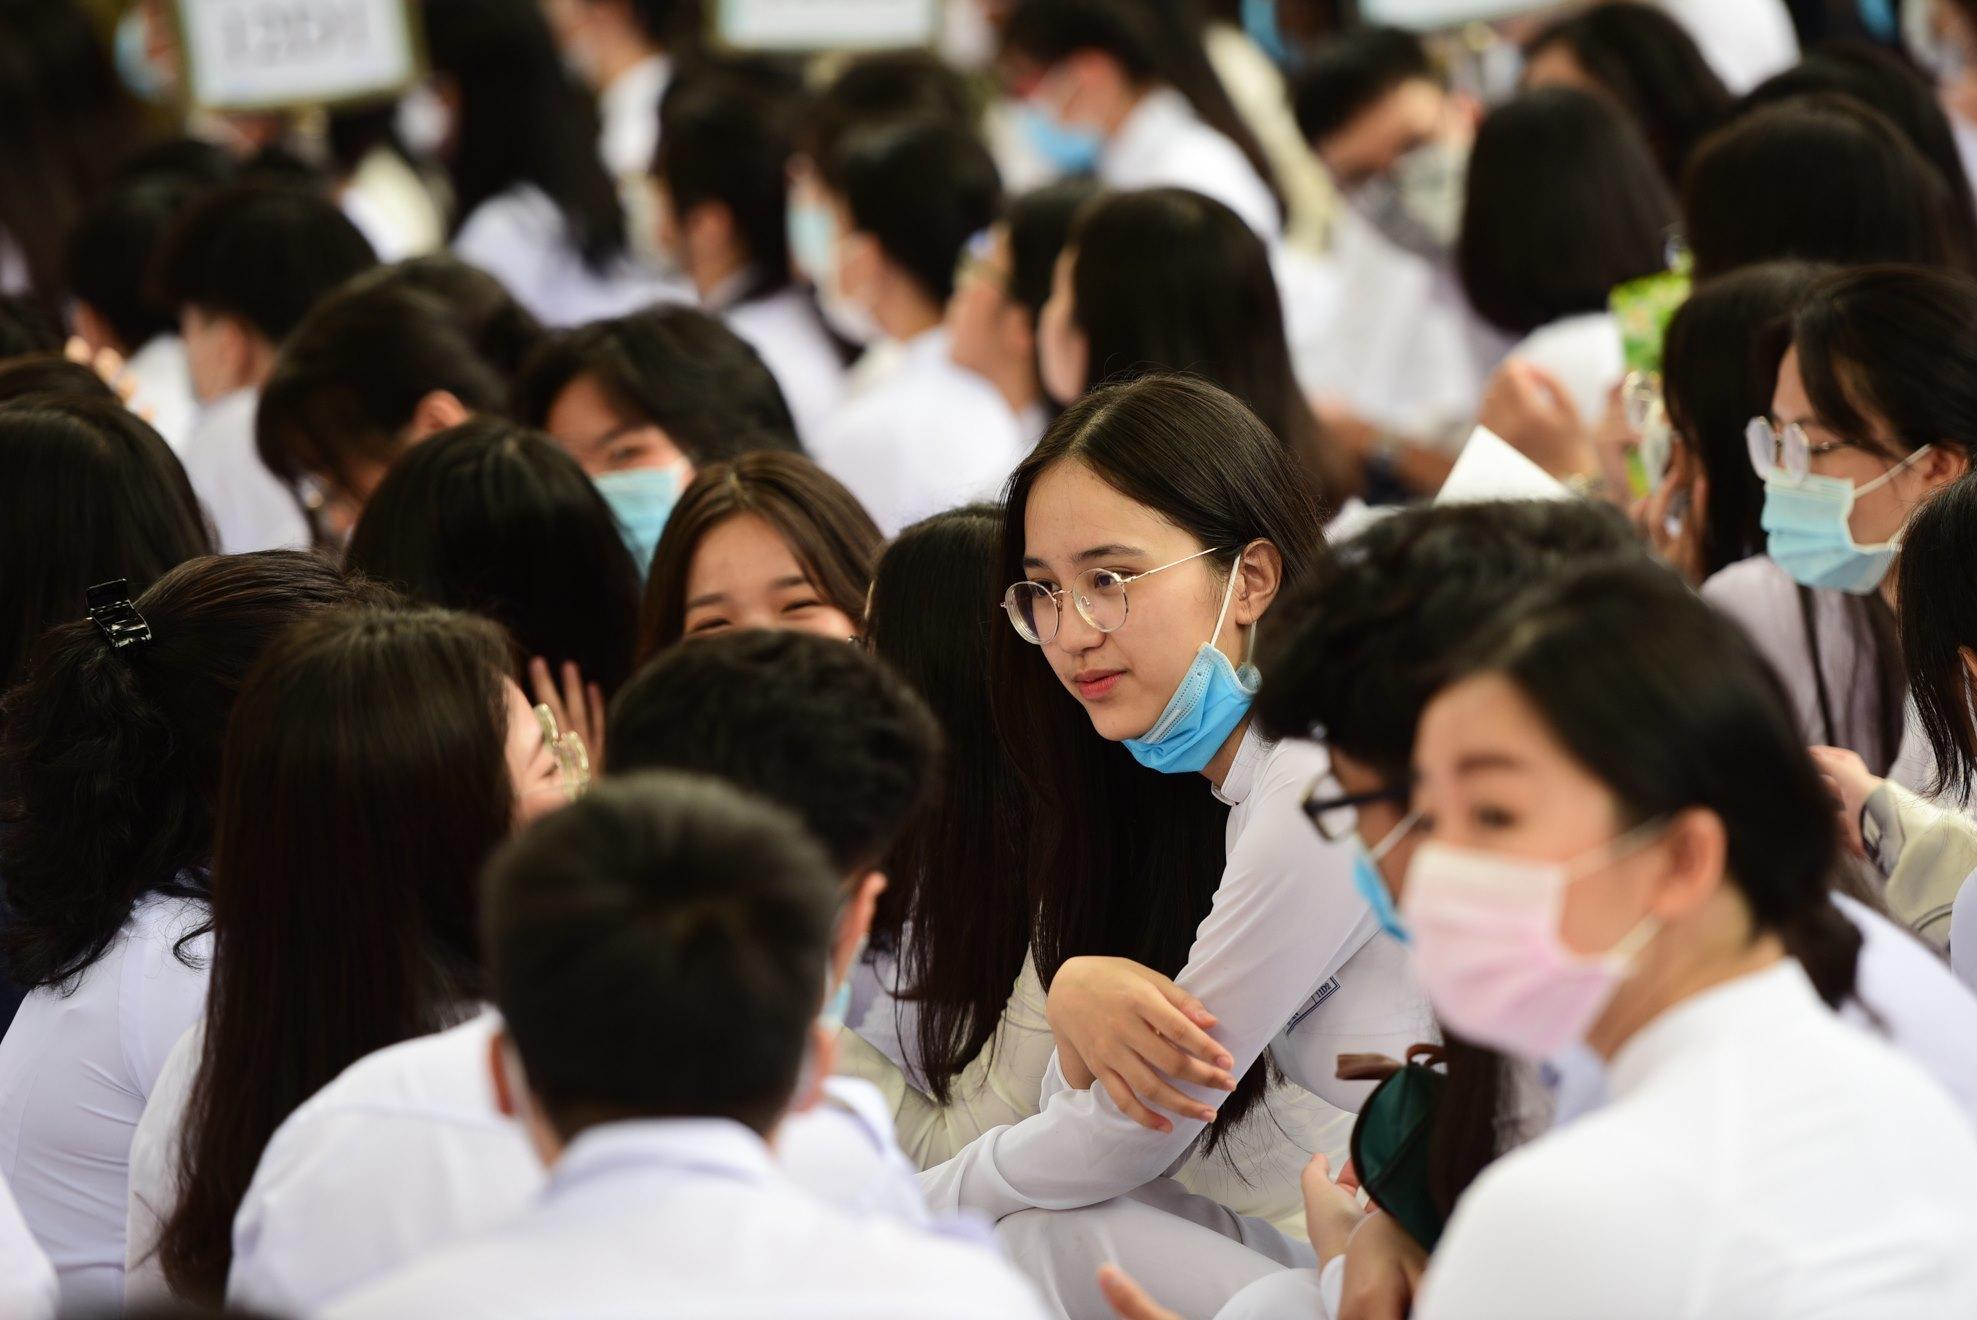 Nữ sinh Sài Gòn trong ngày khai giảng ở ngôi trường lâu đời nhất Việt Nam